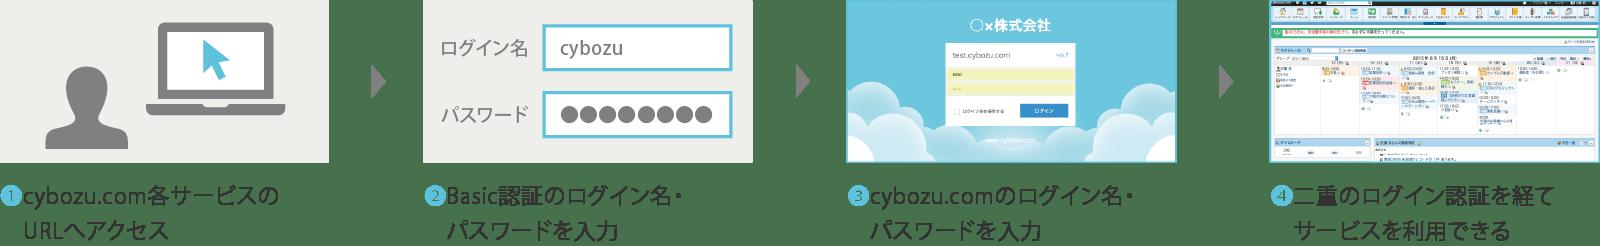 二重のログイン認証を経てサービスを利用できる